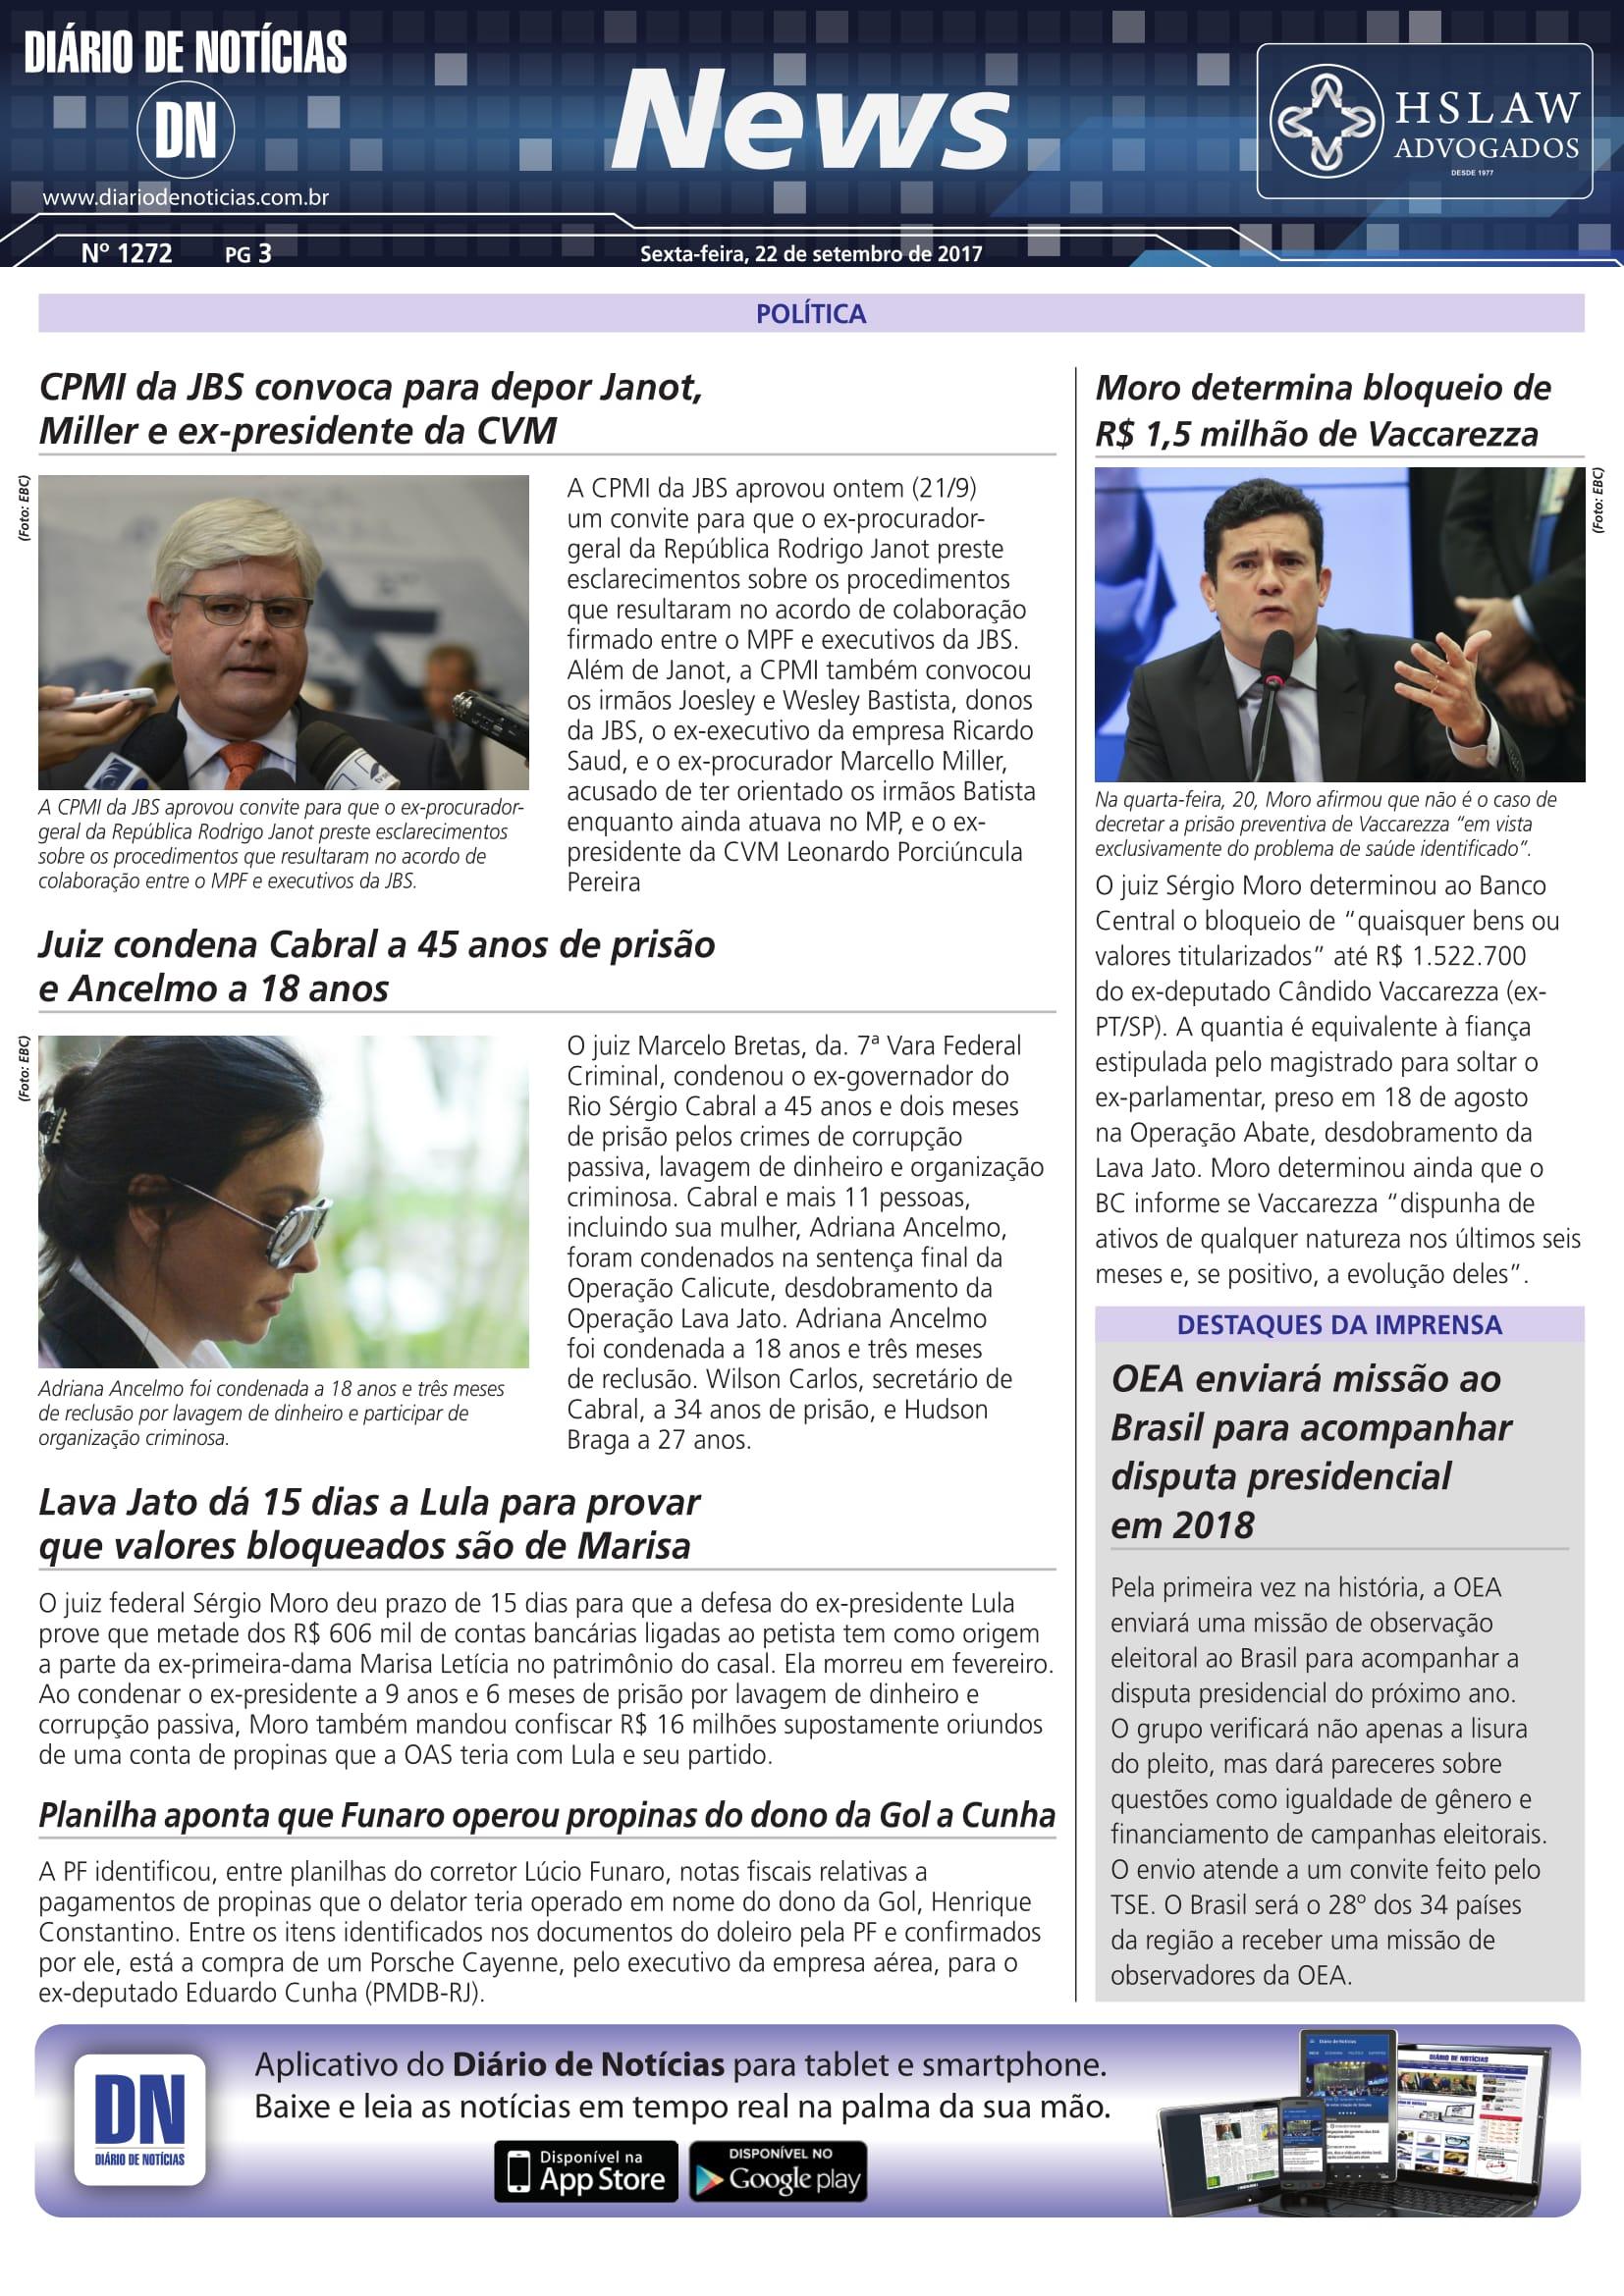 NewsPaper_1272_DN_220917-3